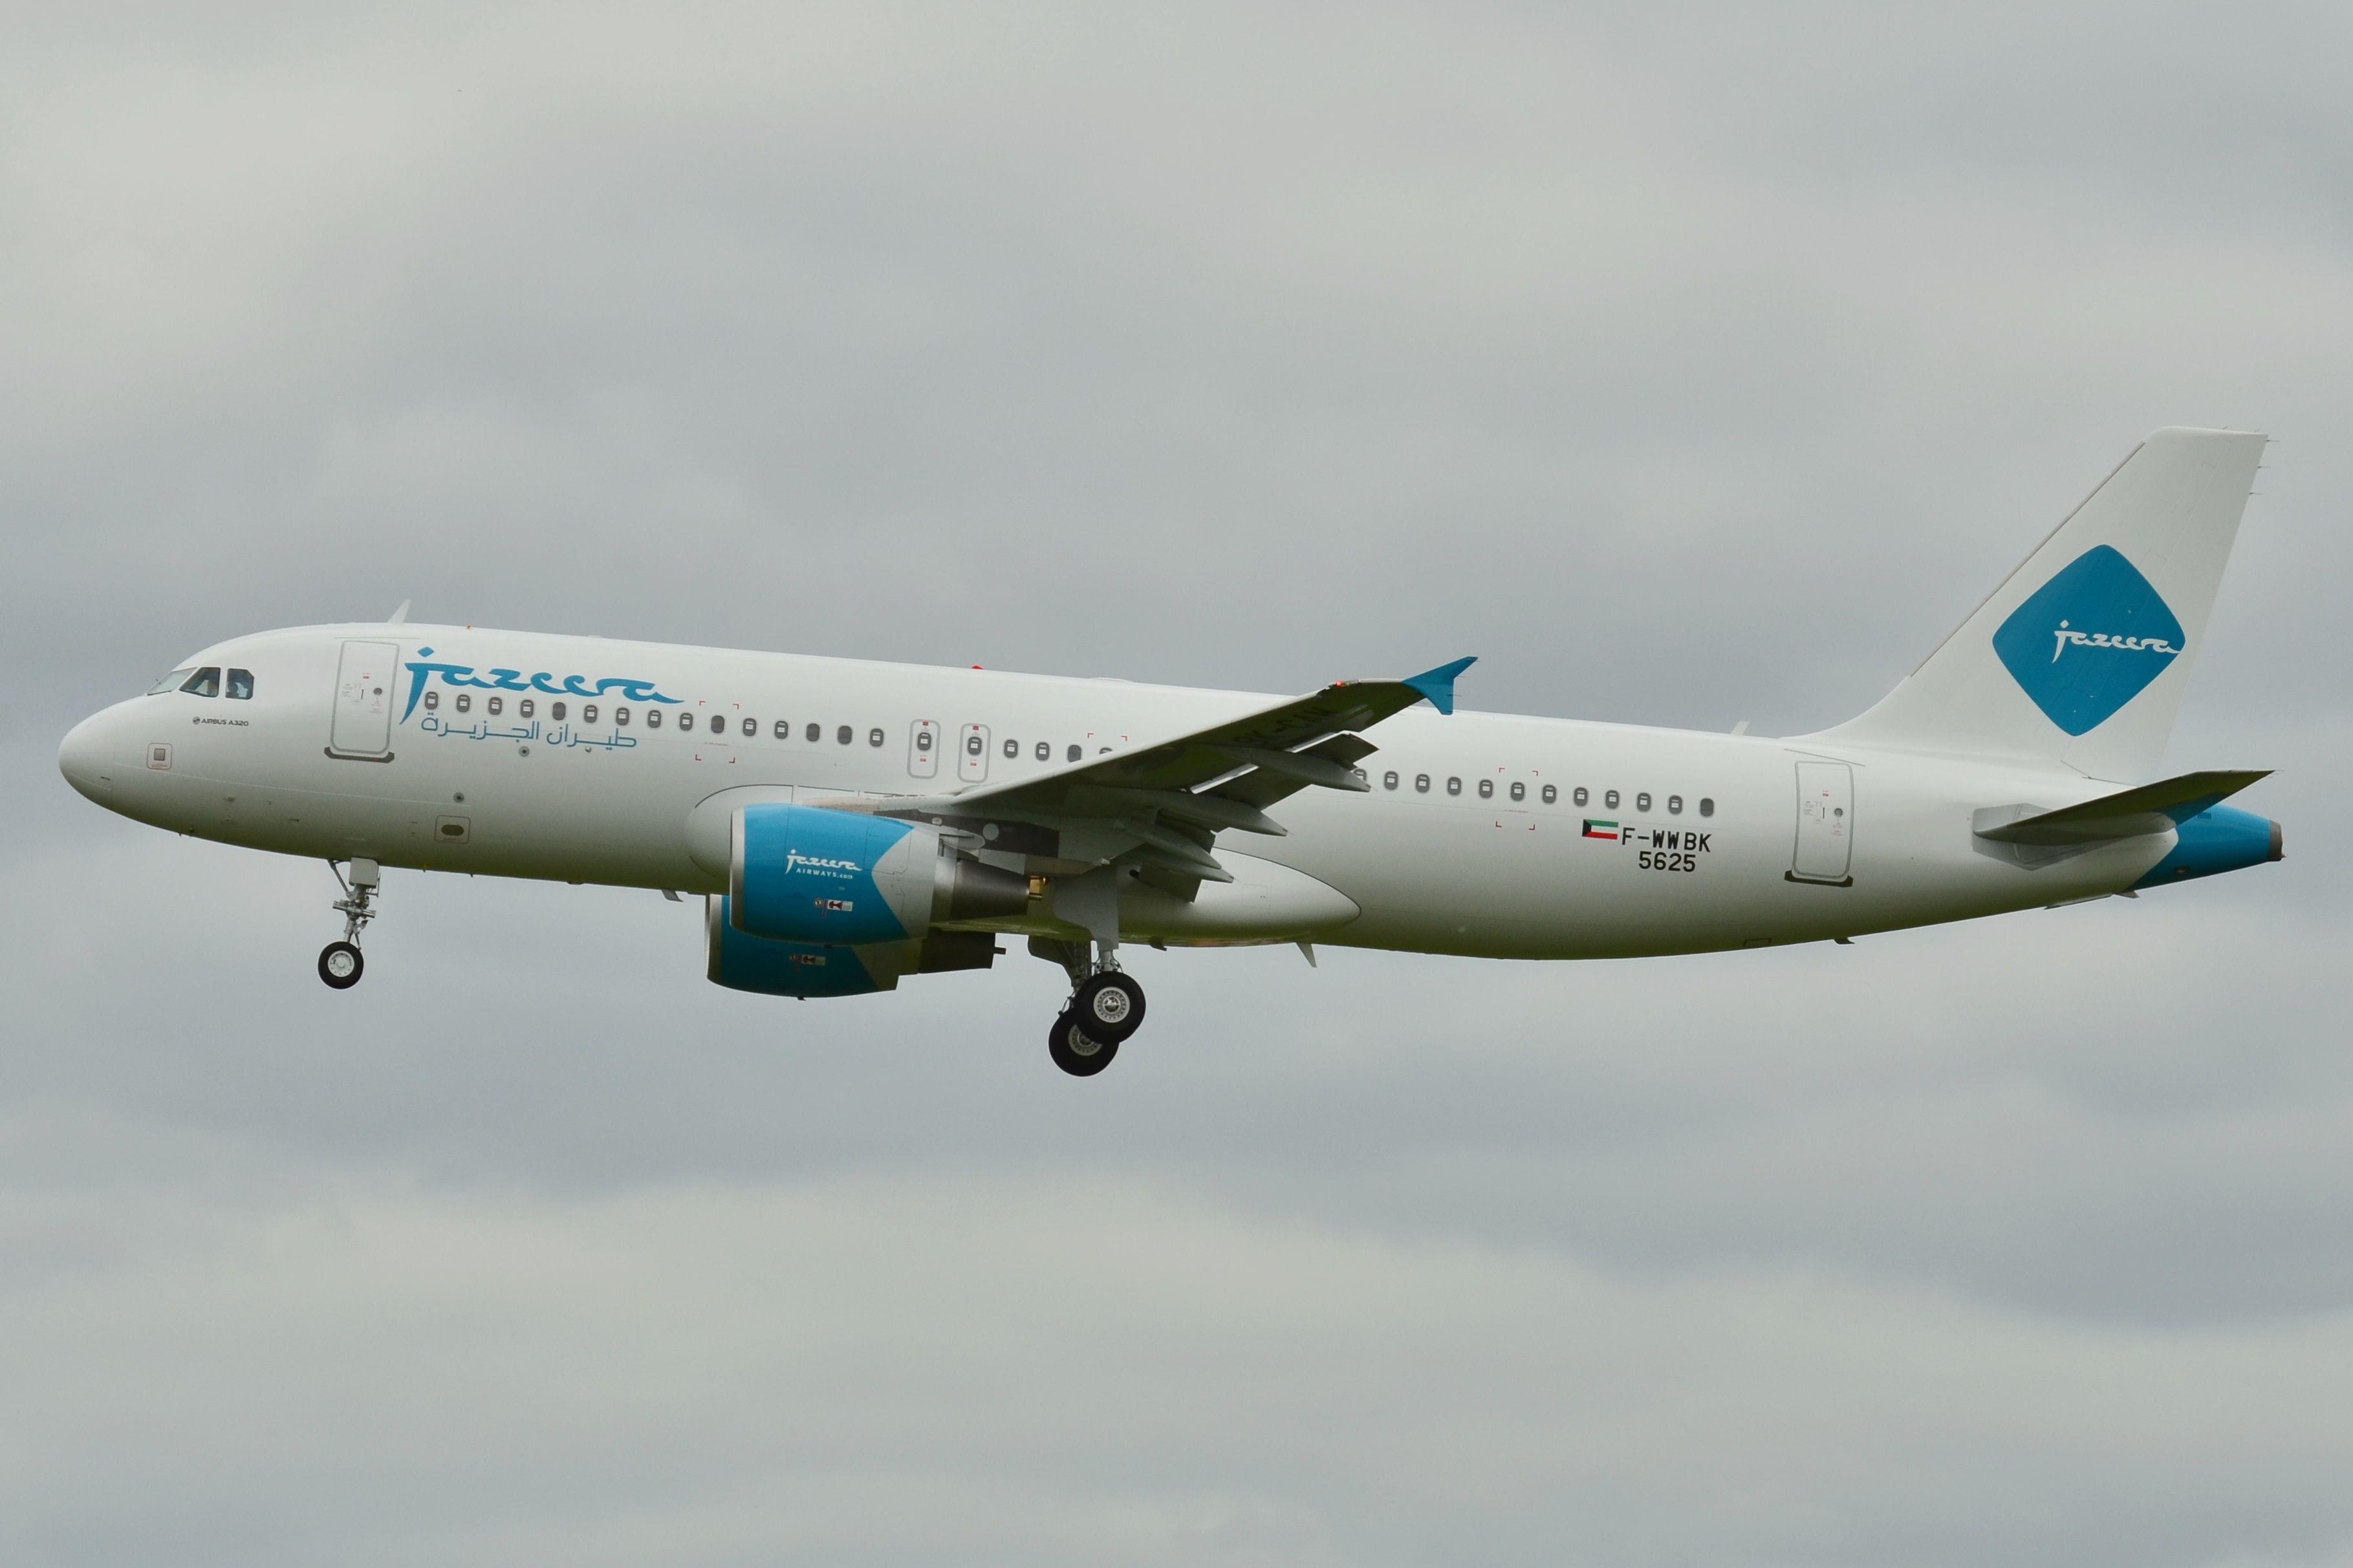 طيران الجزيرة تقدم درجة سياحية مميزة بوزن أمتعة 40 كج إلى لندن Online Tickets Kuwait Books Online